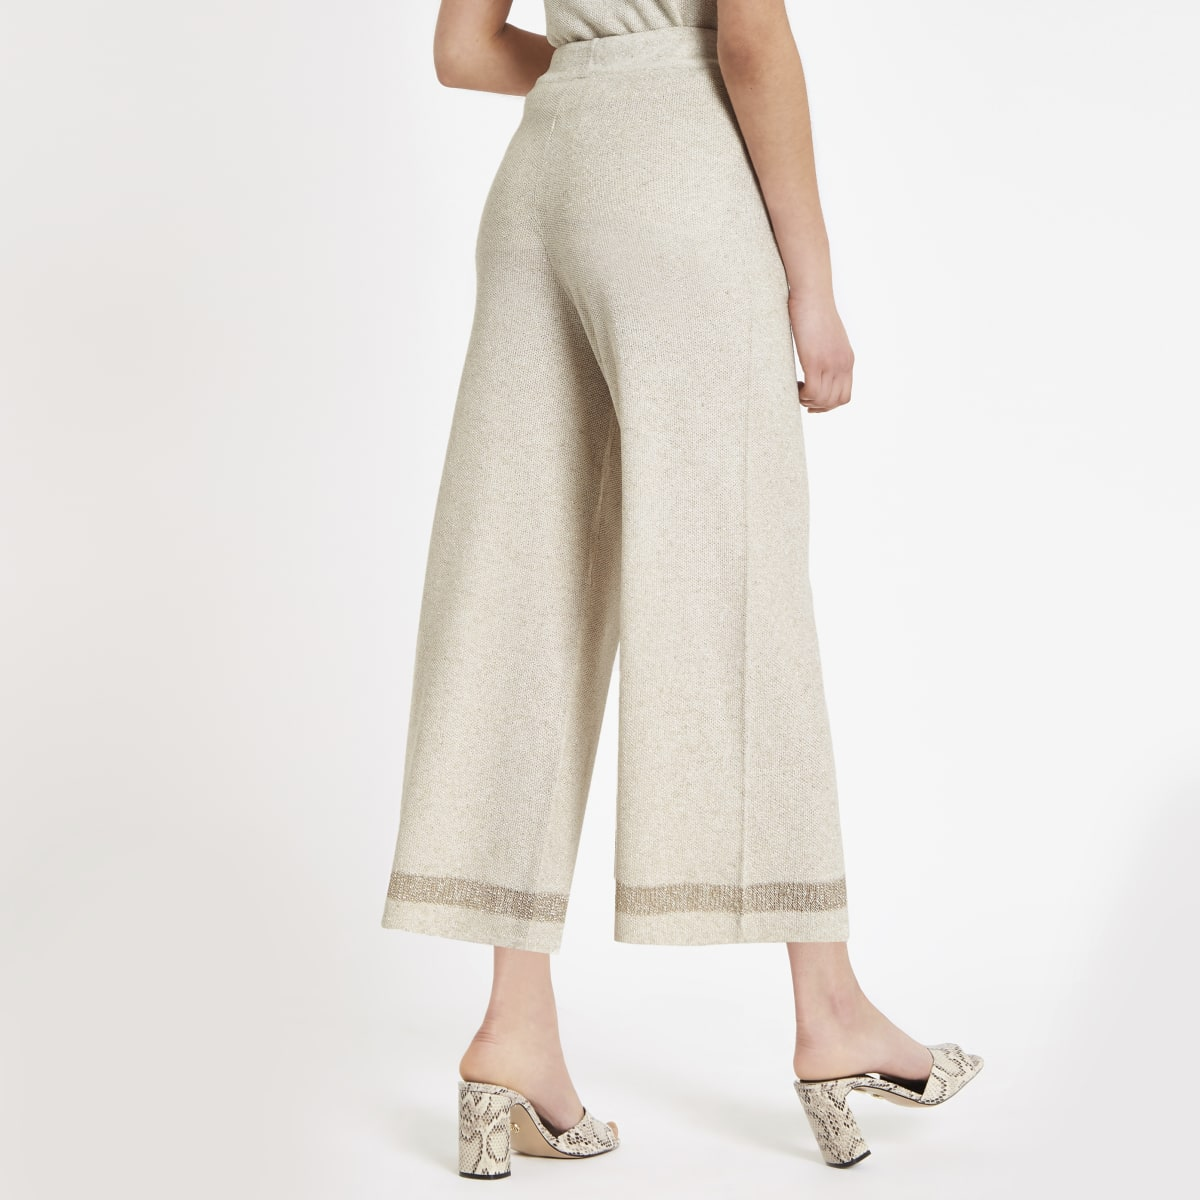 Beiger Hosenrock mit weitem Beinschnitt